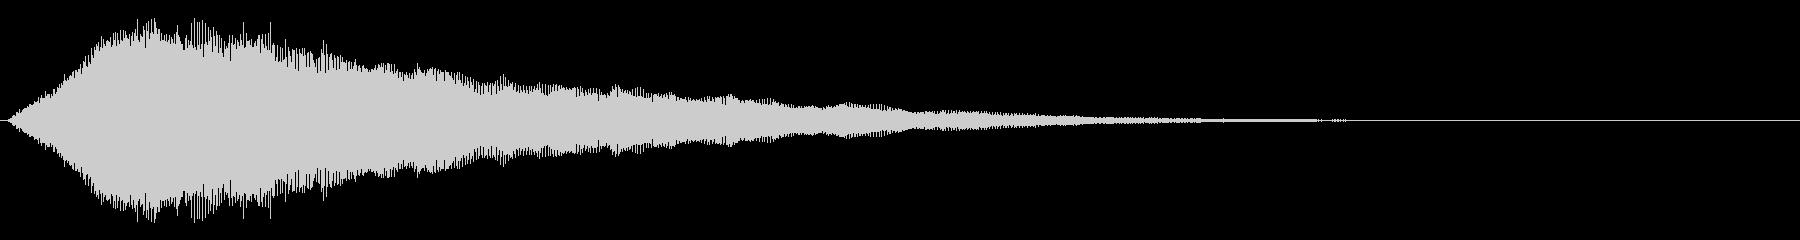 音楽効果;シンセサイズドエレキギタ...の未再生の波形